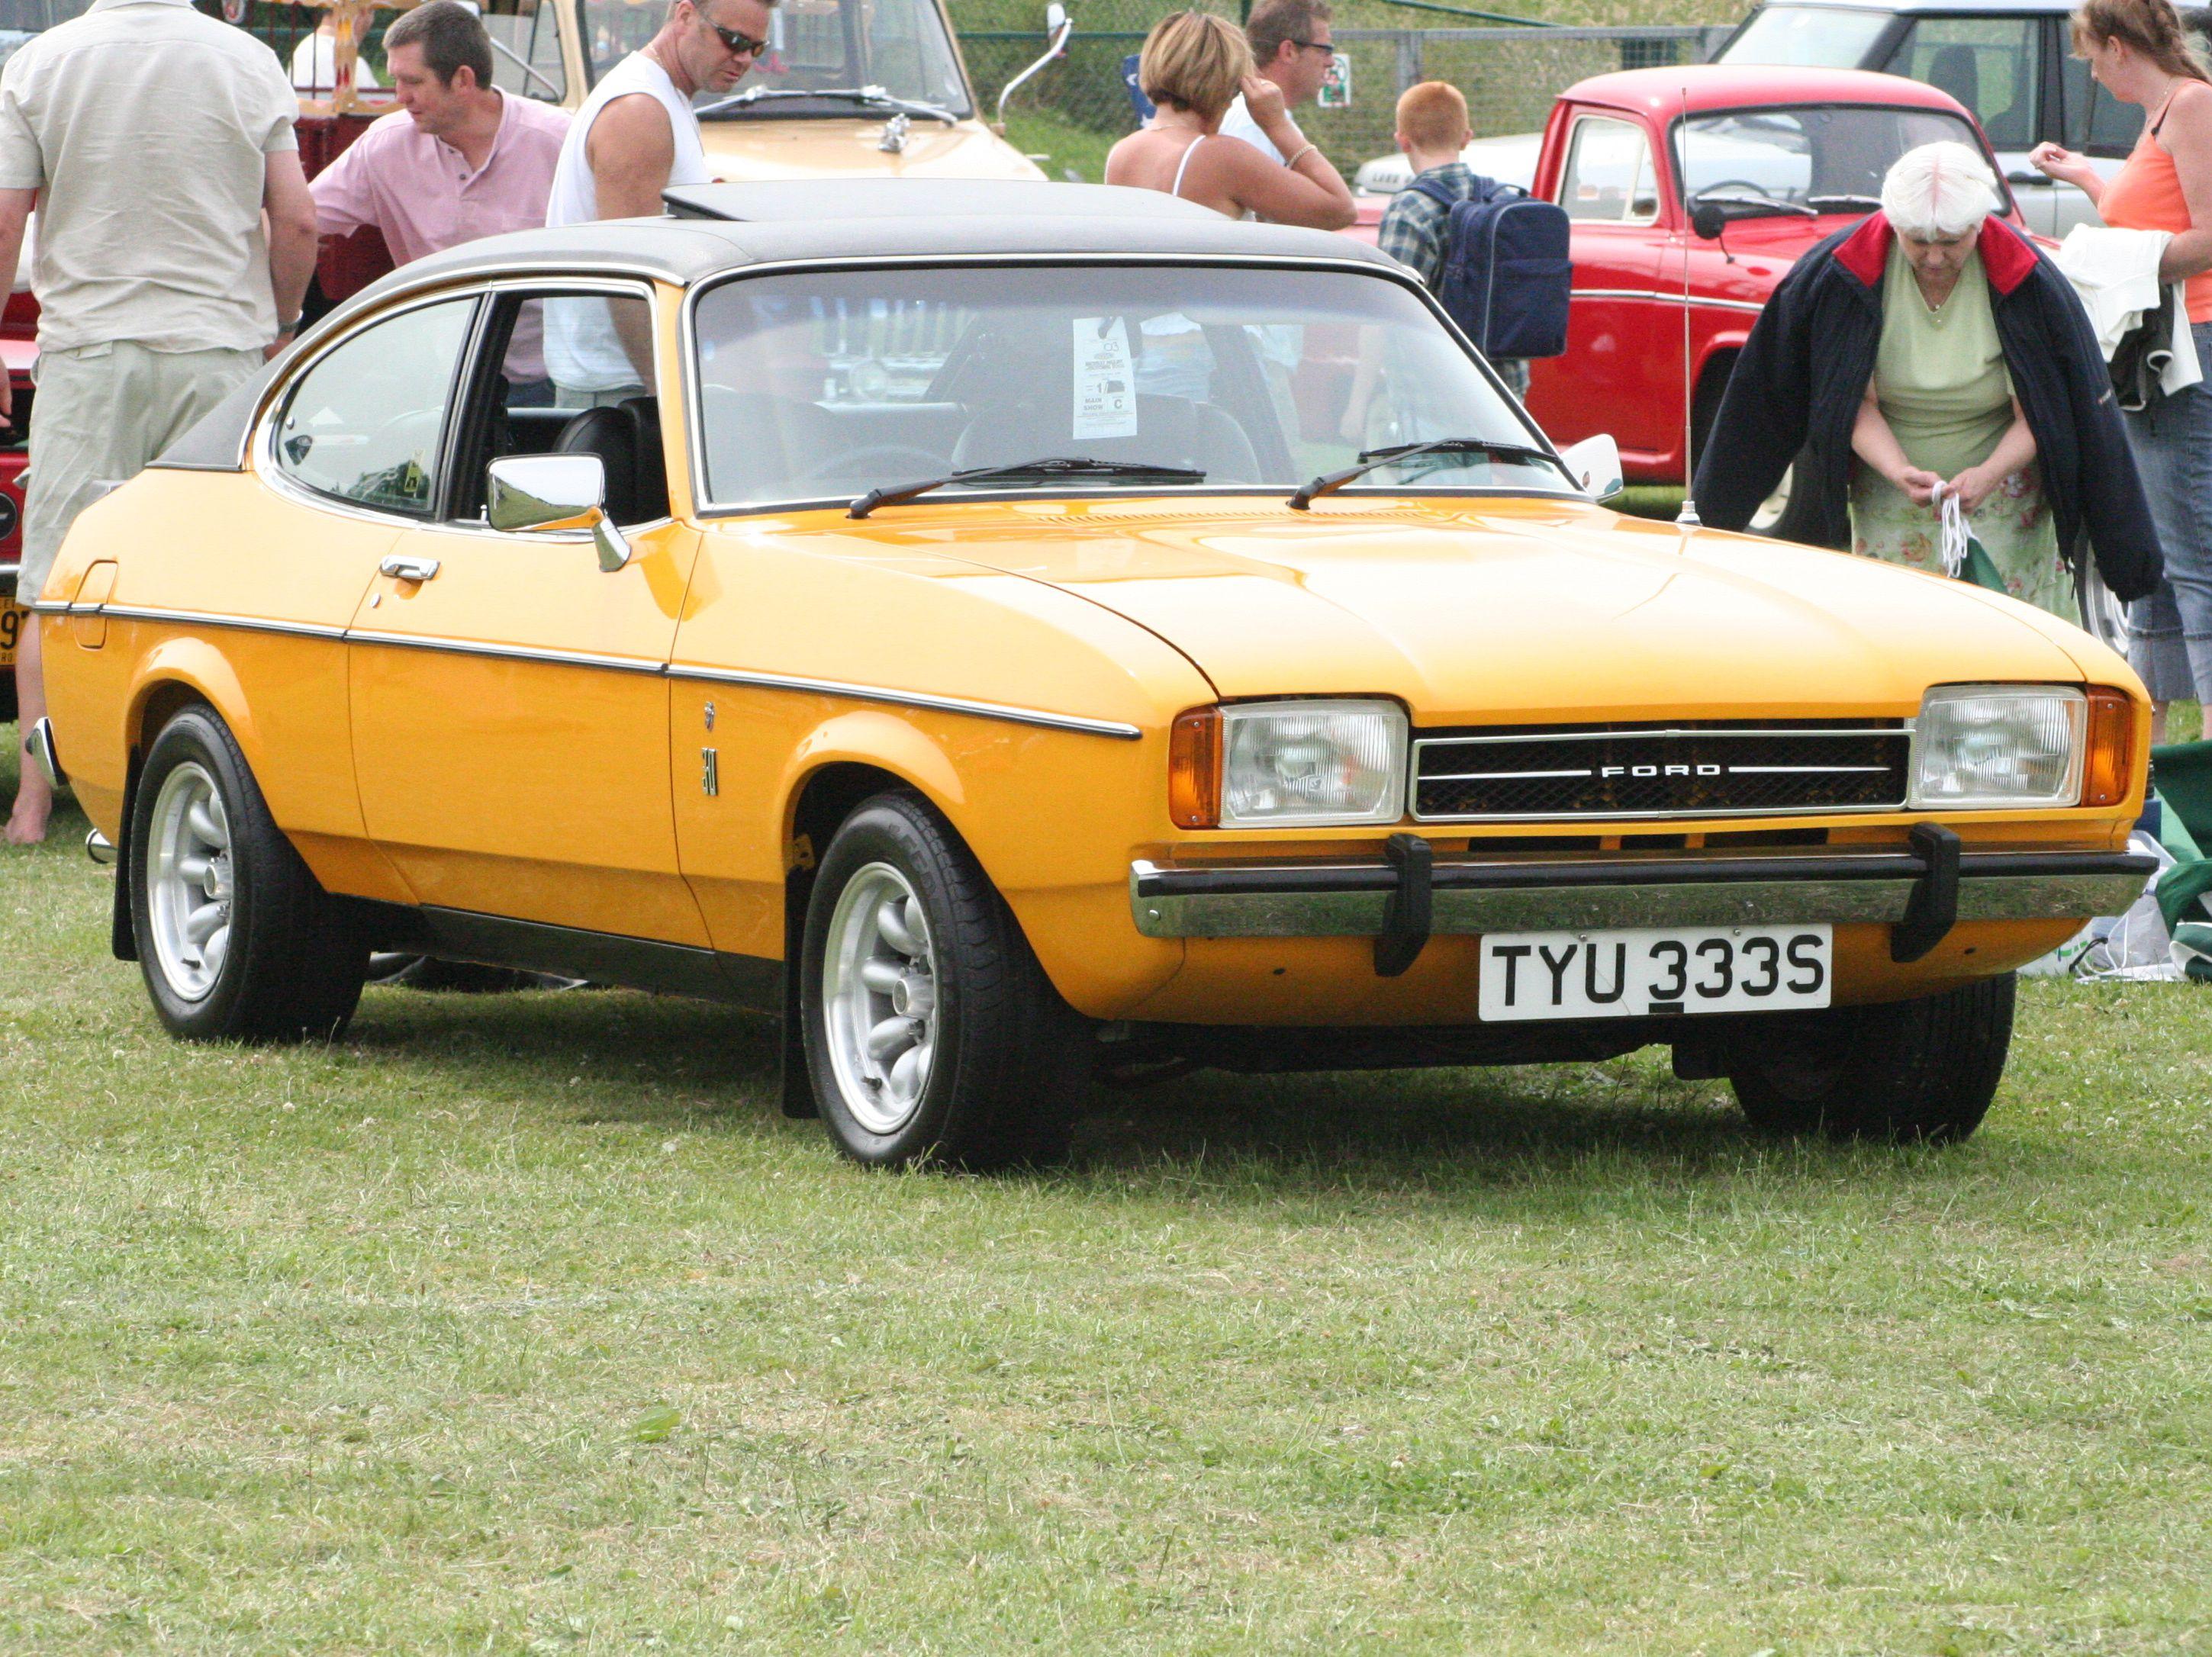 Ford Capri Mark Ii Ford Capri Ford Motor Ford